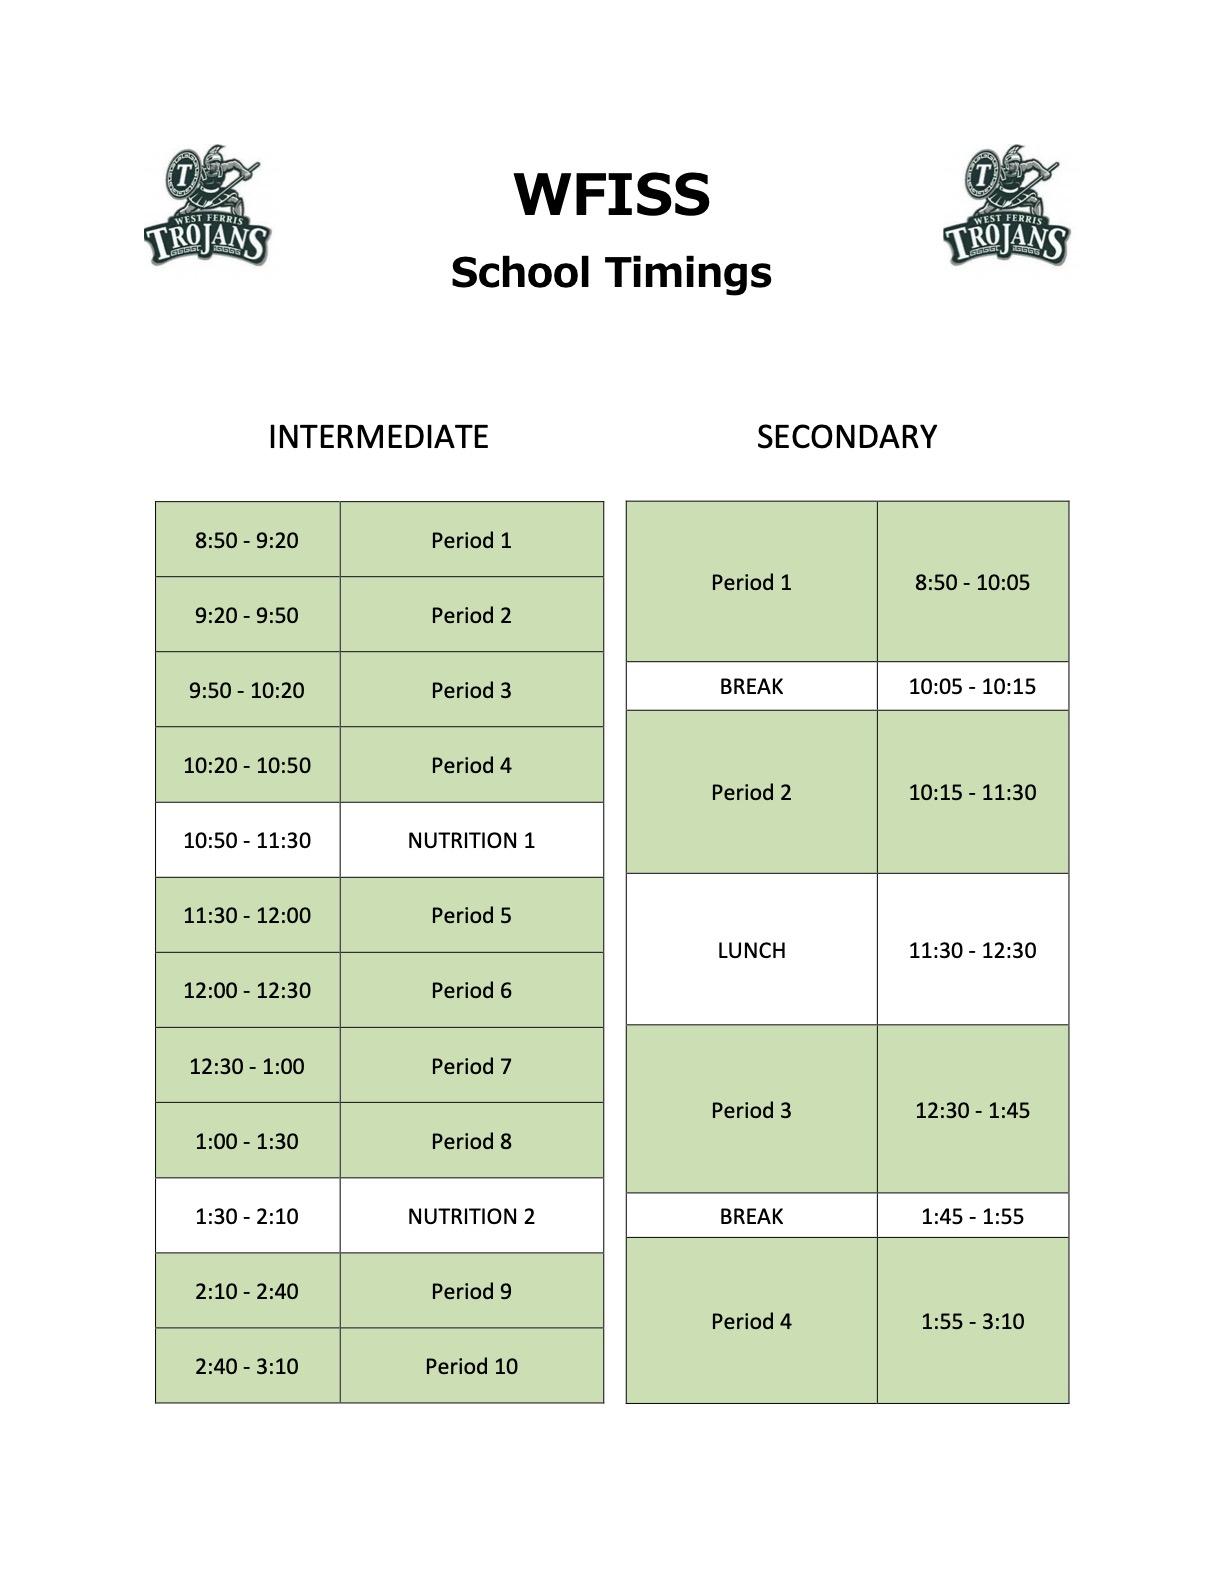 WFISS School Timings